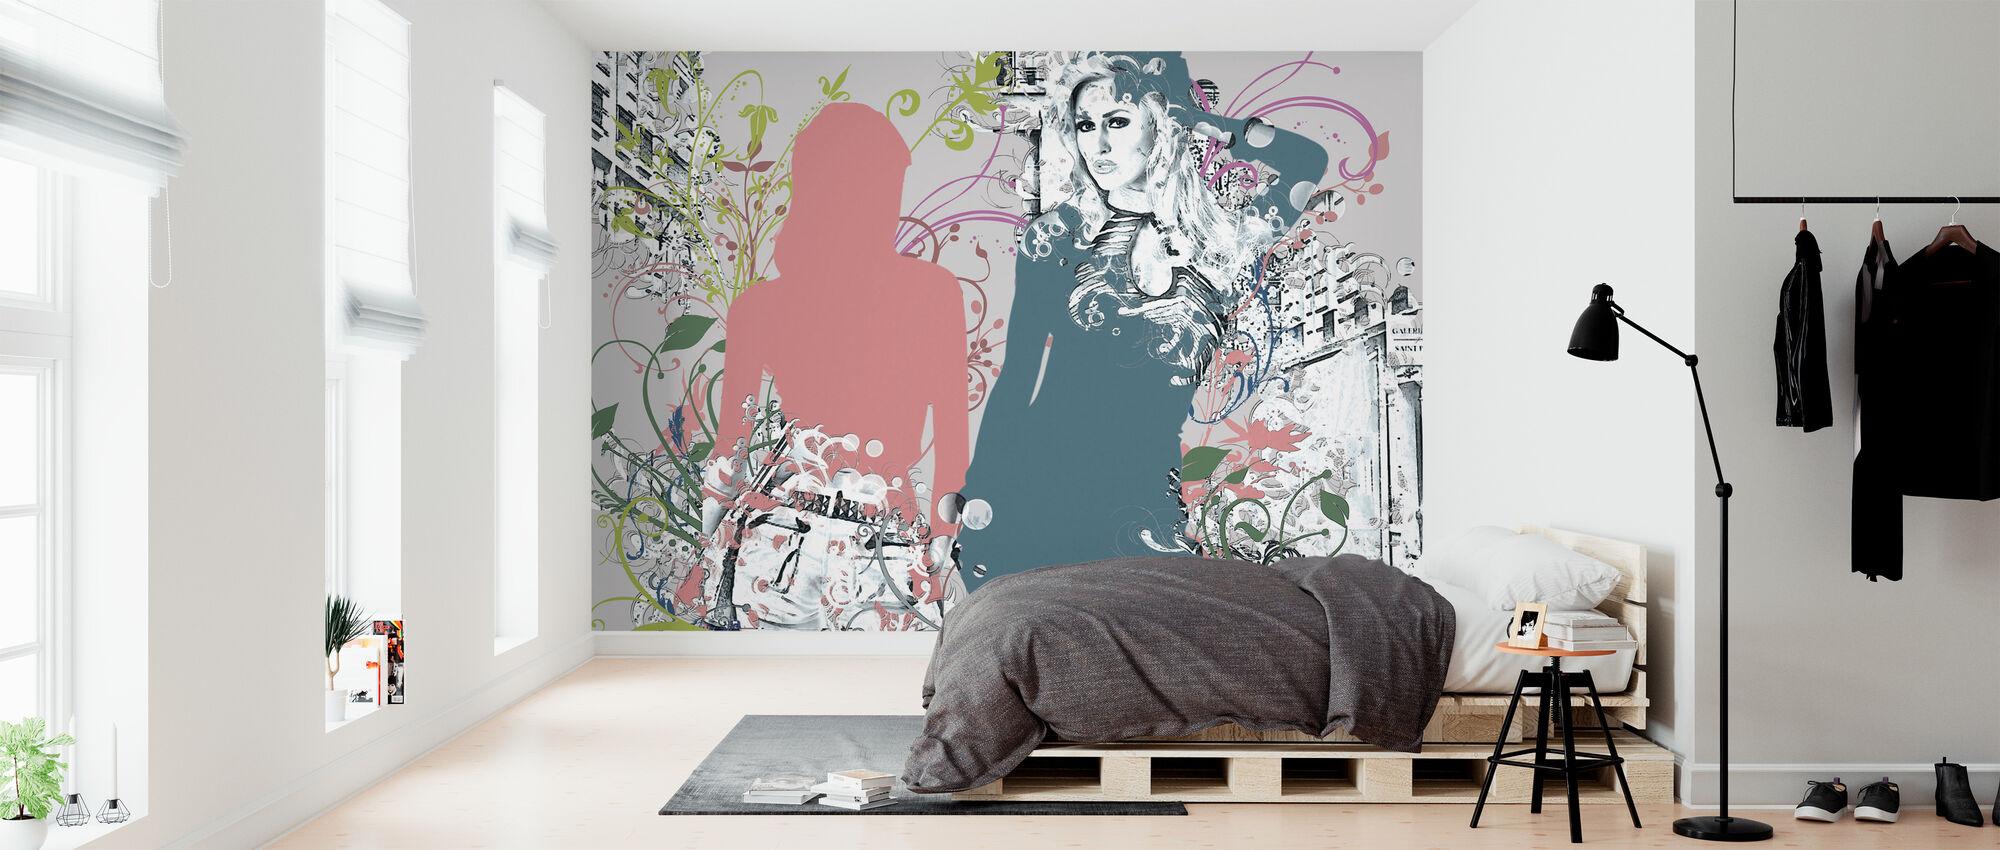 Beautiful Day - Wallpaper - Bedroom